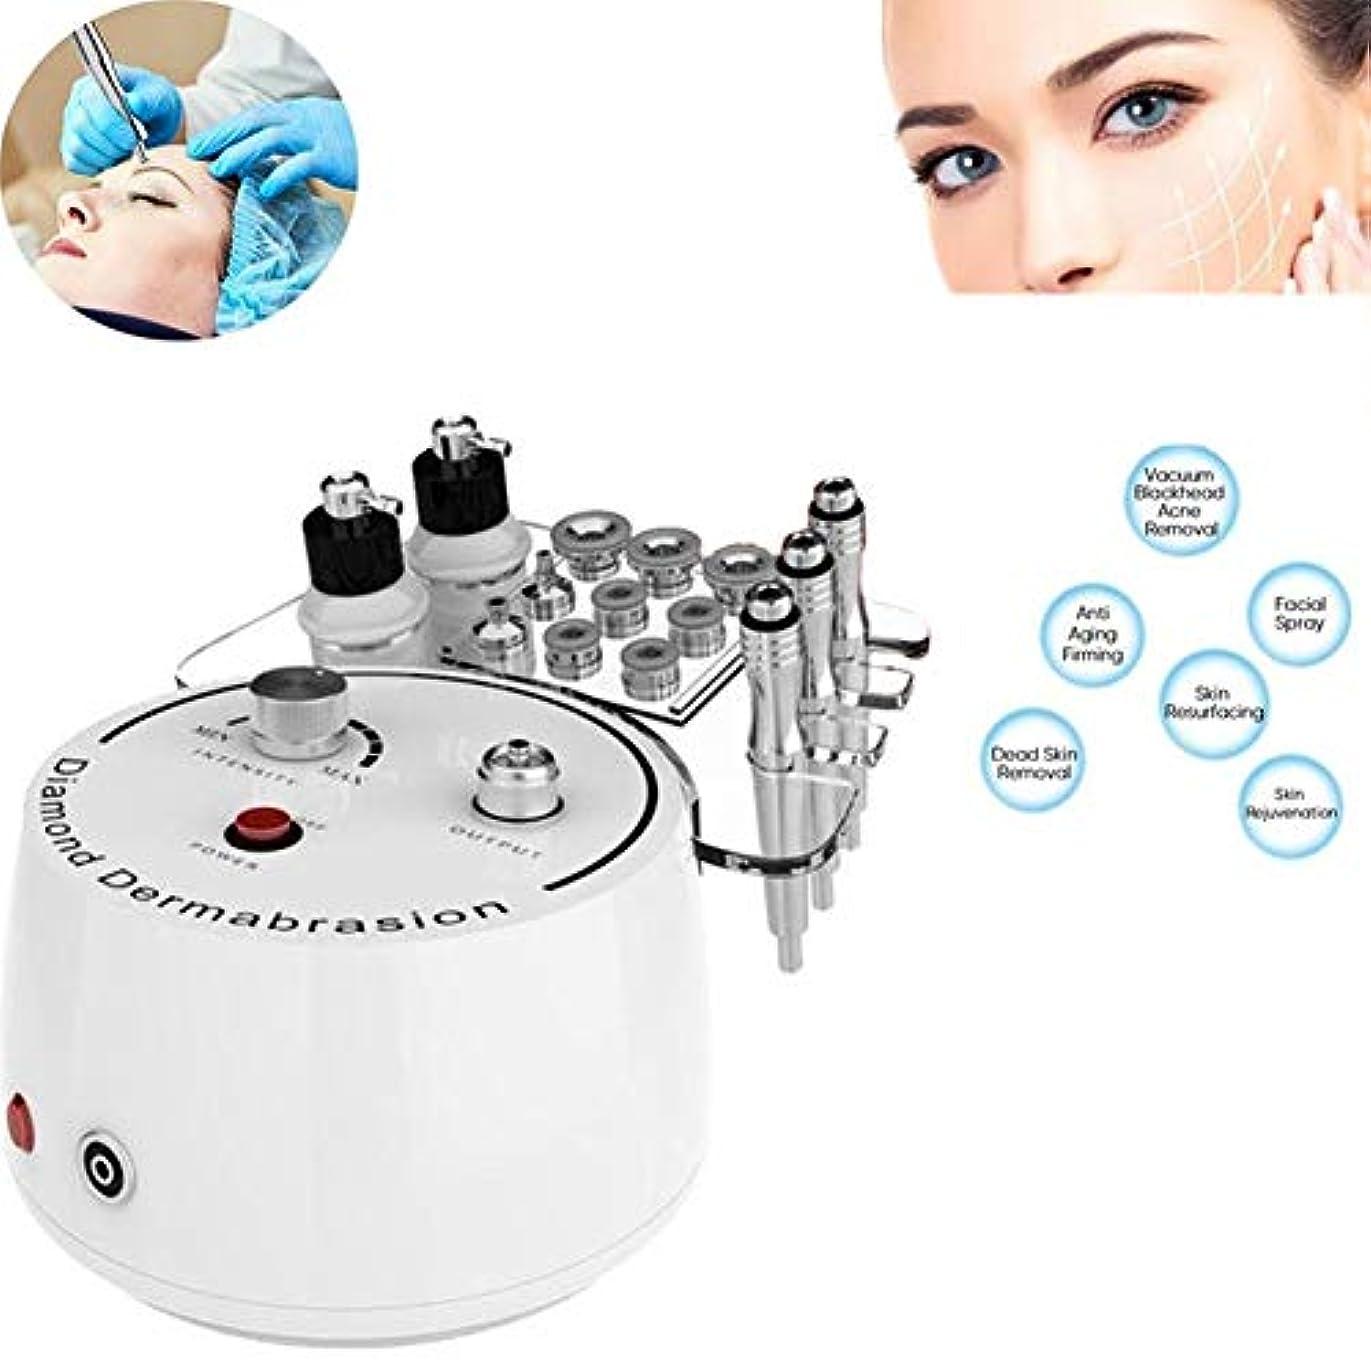 凝縮する愛撫炭素1ダイヤモンドマイクロダーマブレーション皮膚剥離機ホームフェイシャル美容機器に付き3